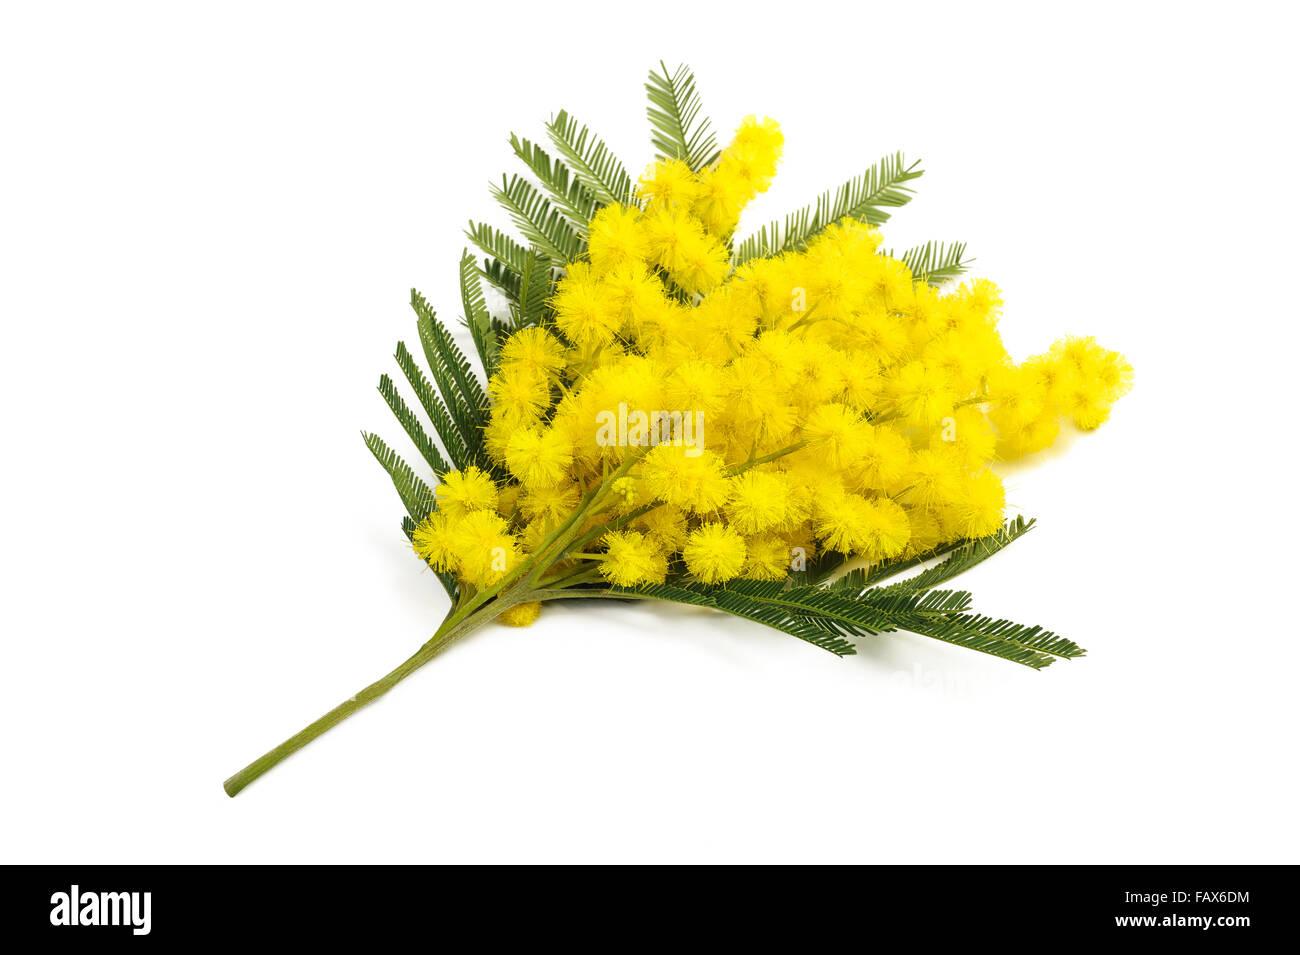 La Mimosa (argento graticcio) ramo isolato su sfondo bianco. Immagini Stock ab6860c20191